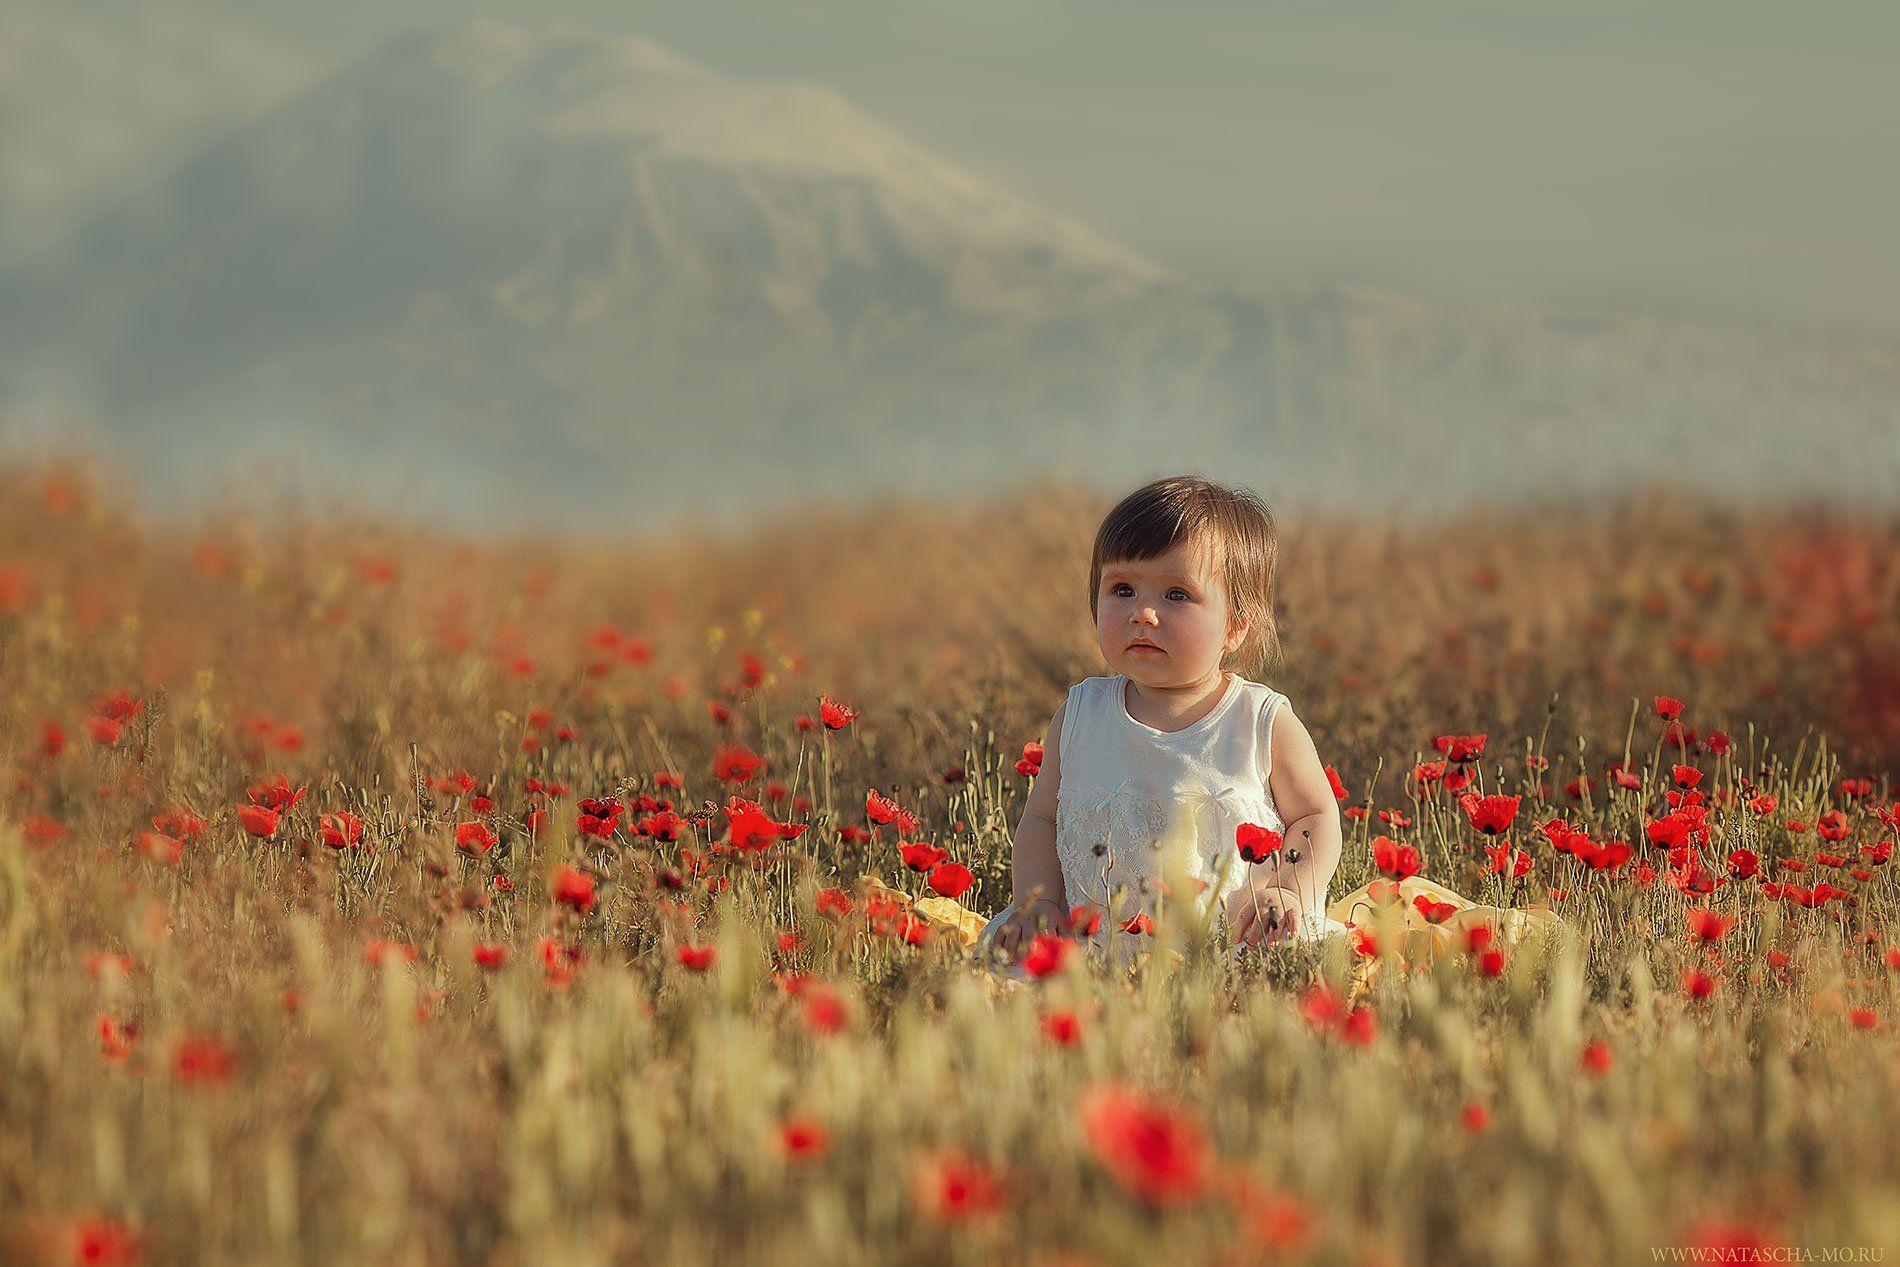 дети, портрет, детская фотография, Наташа Мо